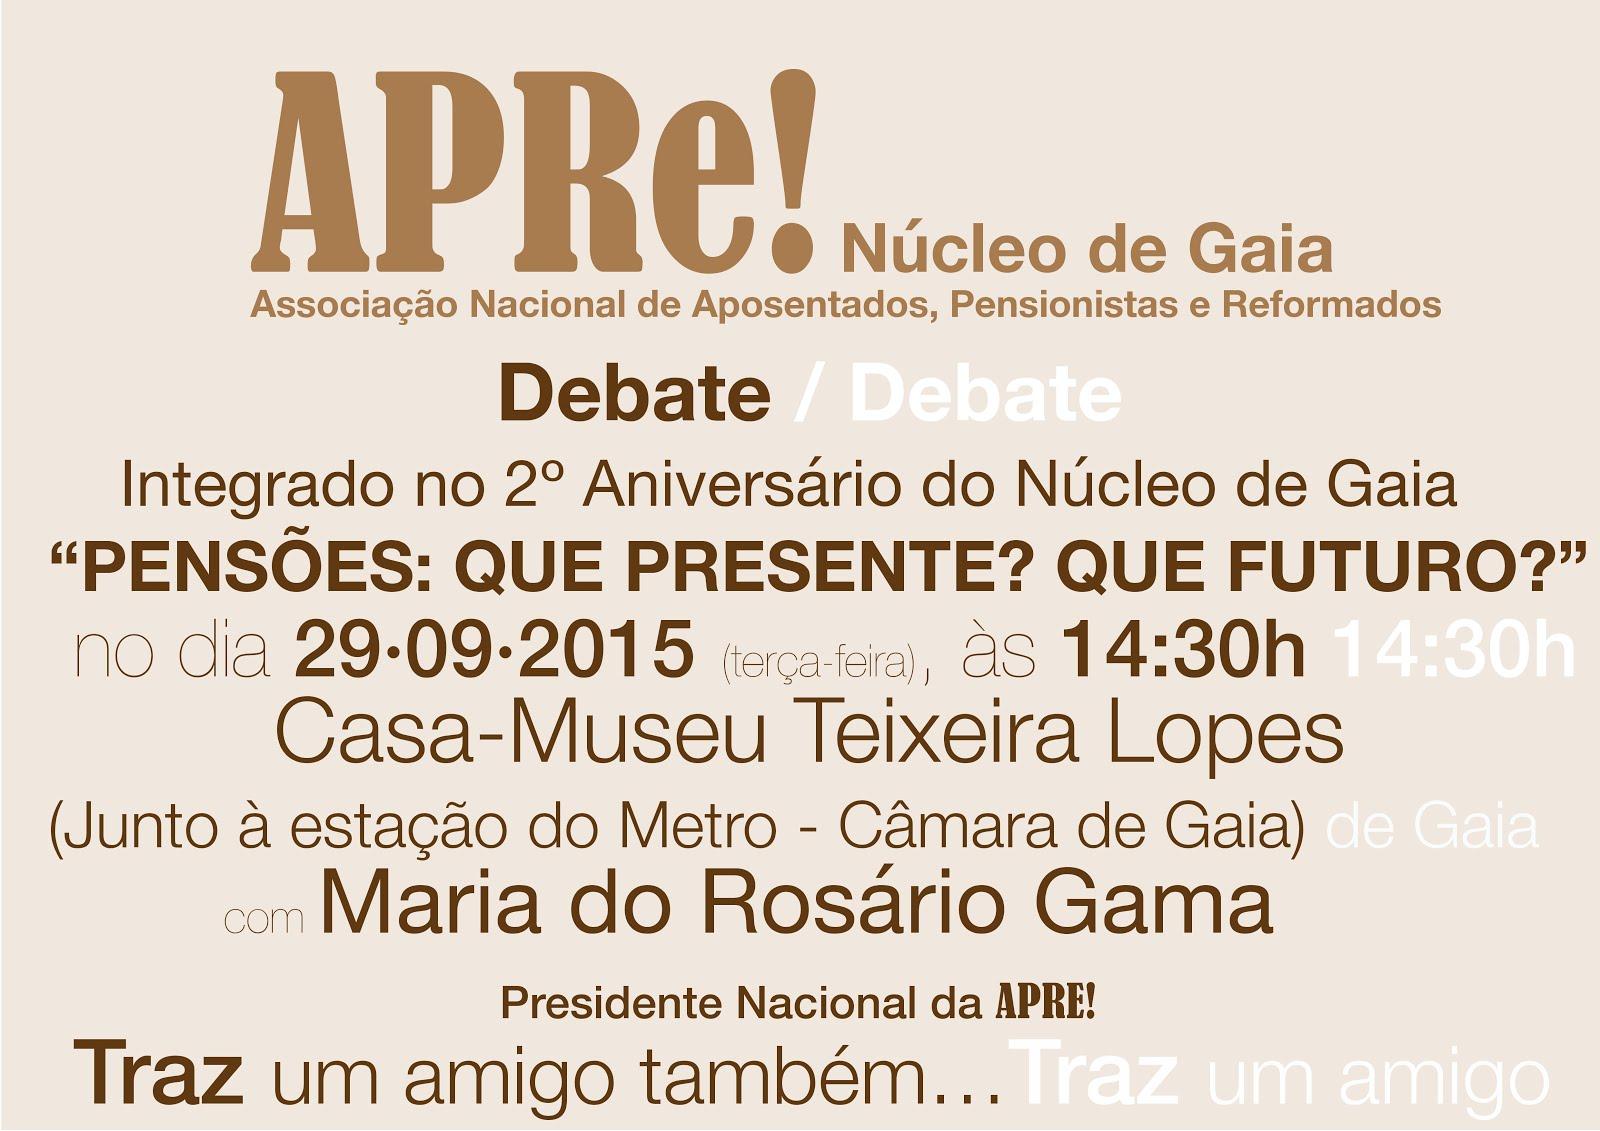 """2º Aniversário do Núcleo de Gaia da APRe!, Debate """"PENSÕES: QUE PRESENTE? QUE FUTURO?"""""""